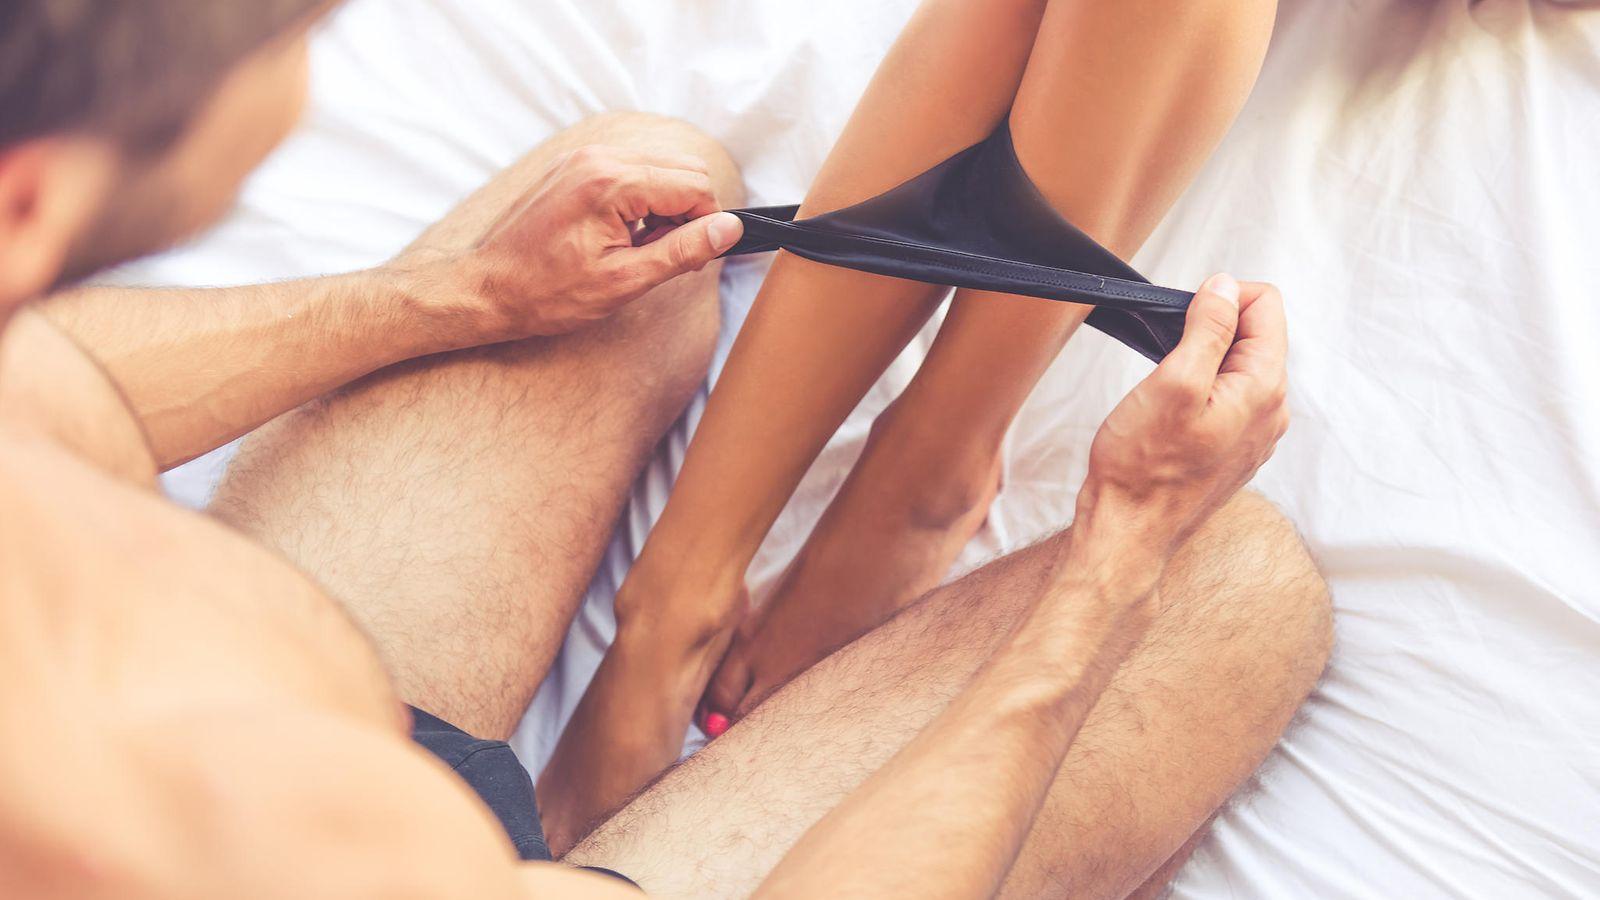 sex tube naisten itsetyydytys videot